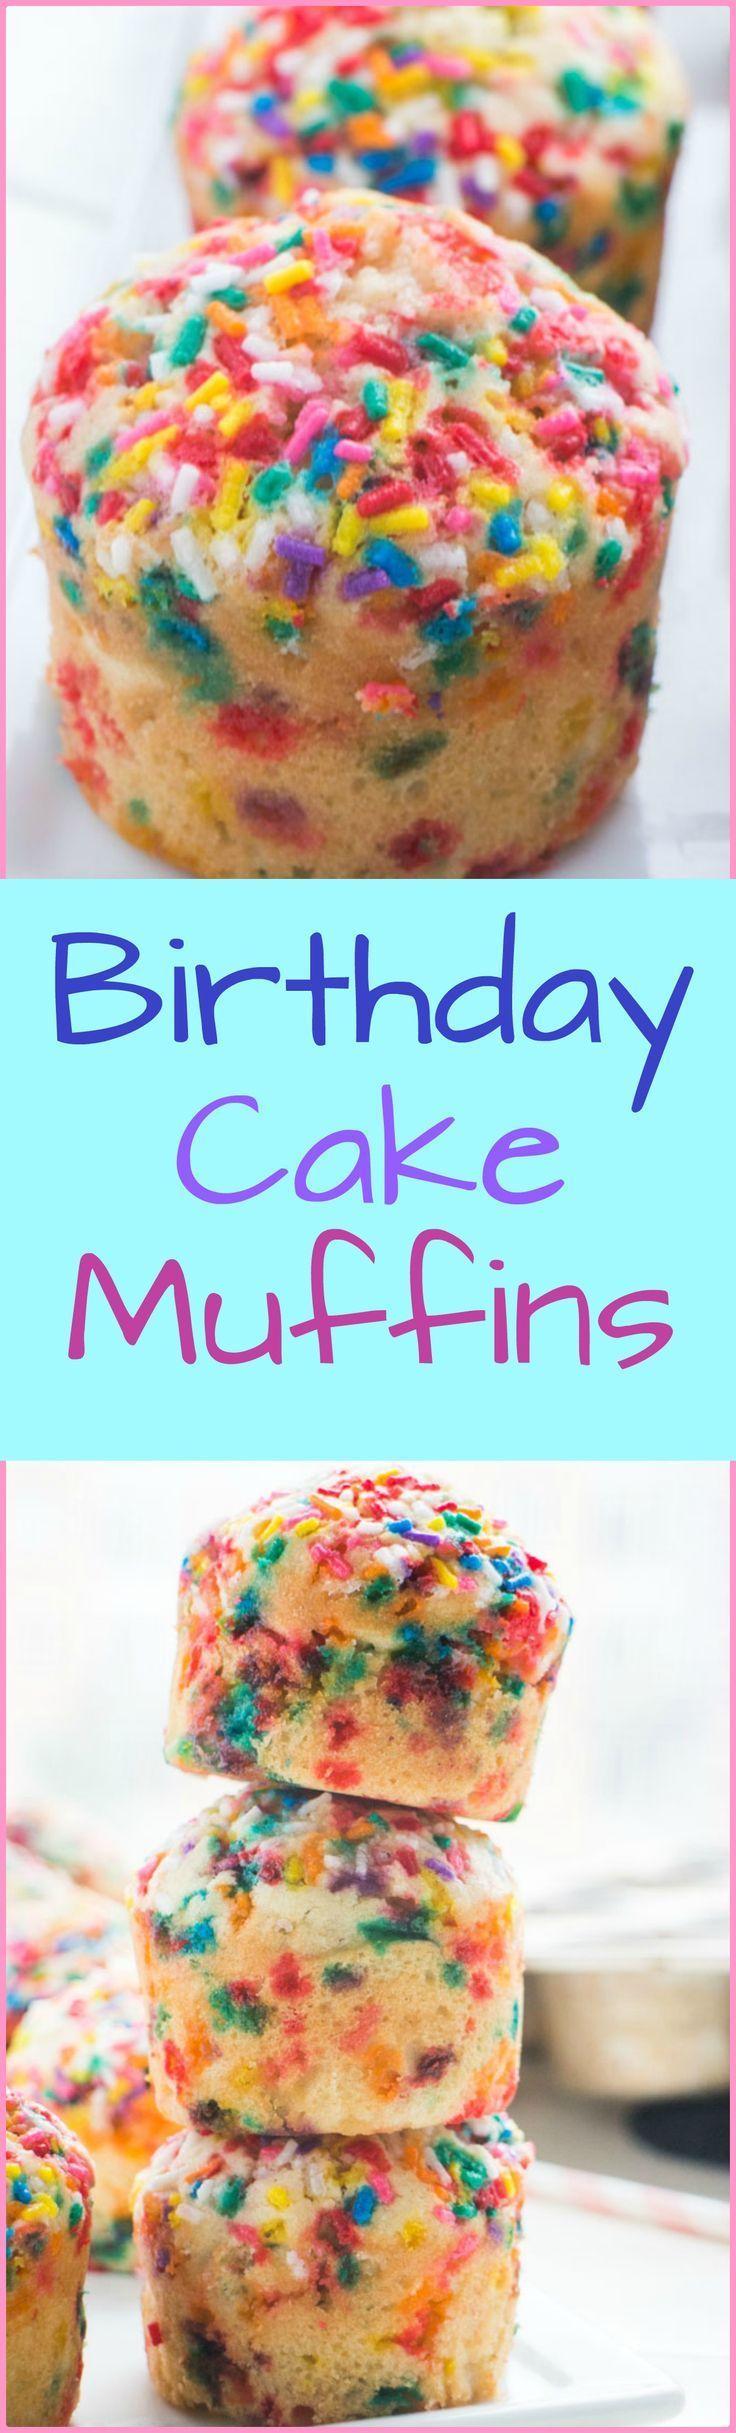 Best 25 Birthday breakfast ideas on Pinterest Birthday pancakes